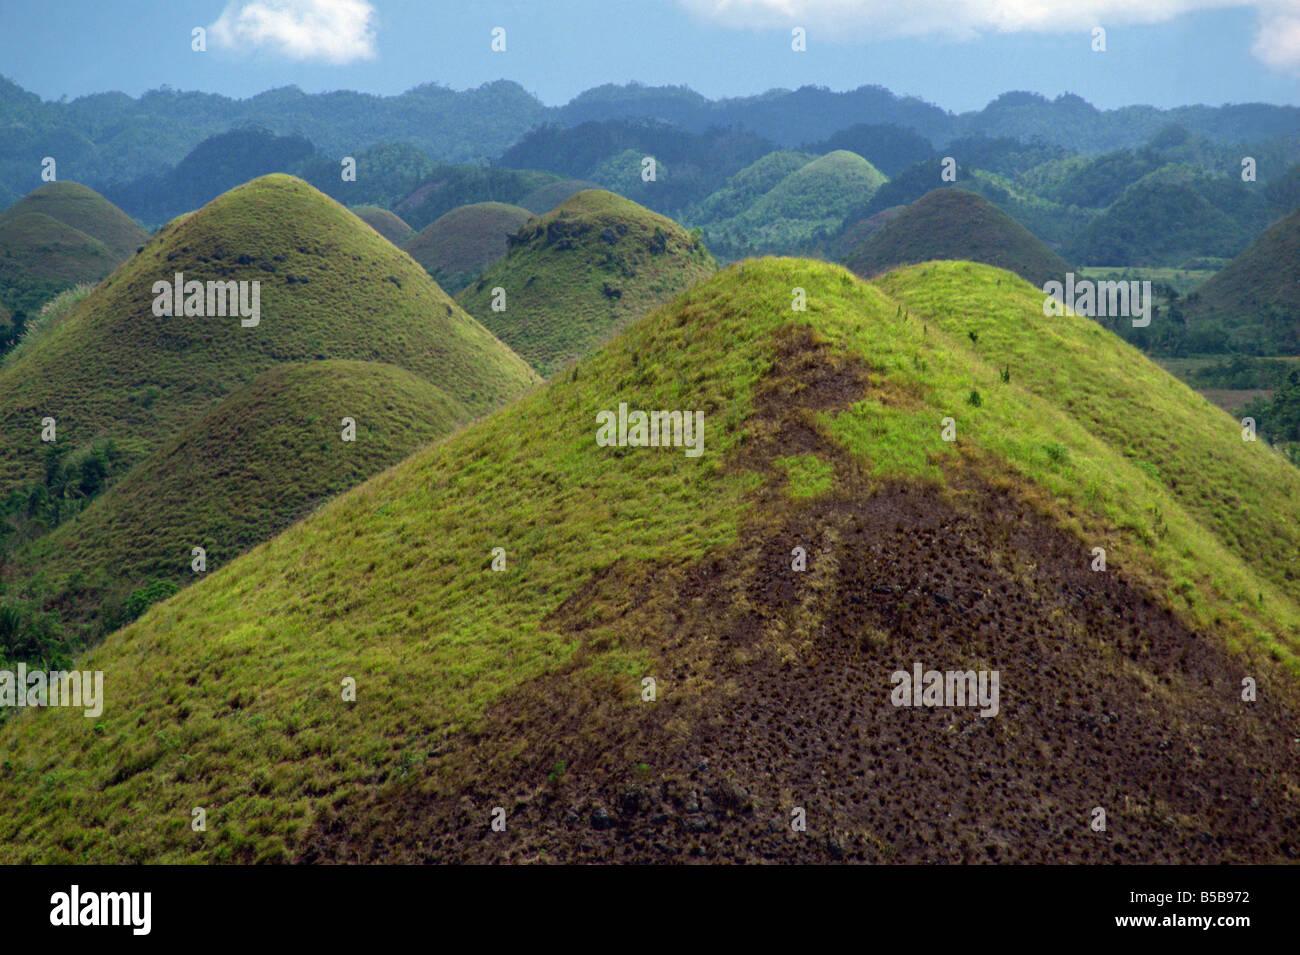 Les collines de chocolat, un célèbre curiosité géologique, avec plus de 1 000 d'entre eux, Photo Stock